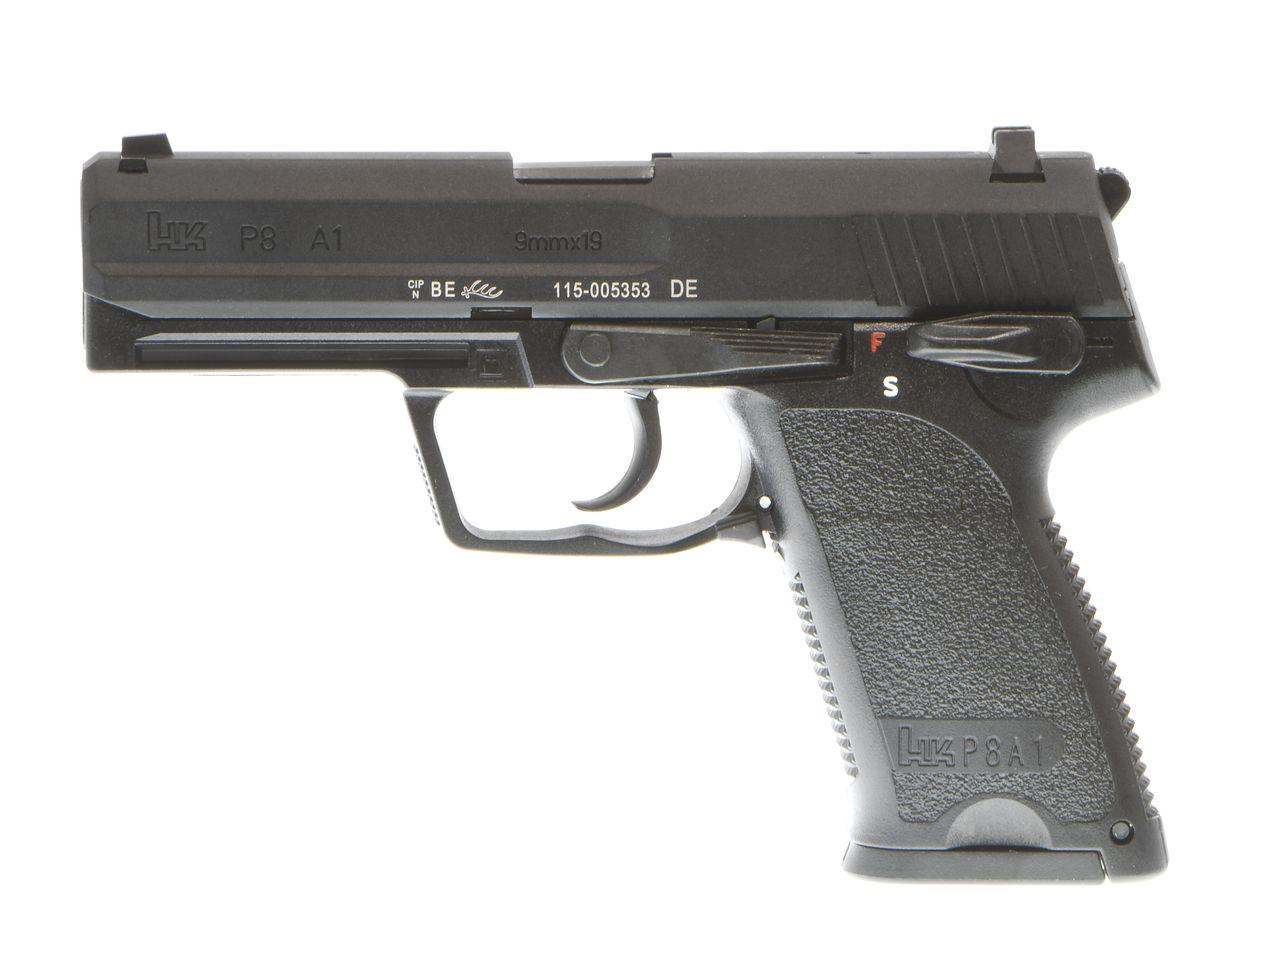 SA3J-P8A1-BK01